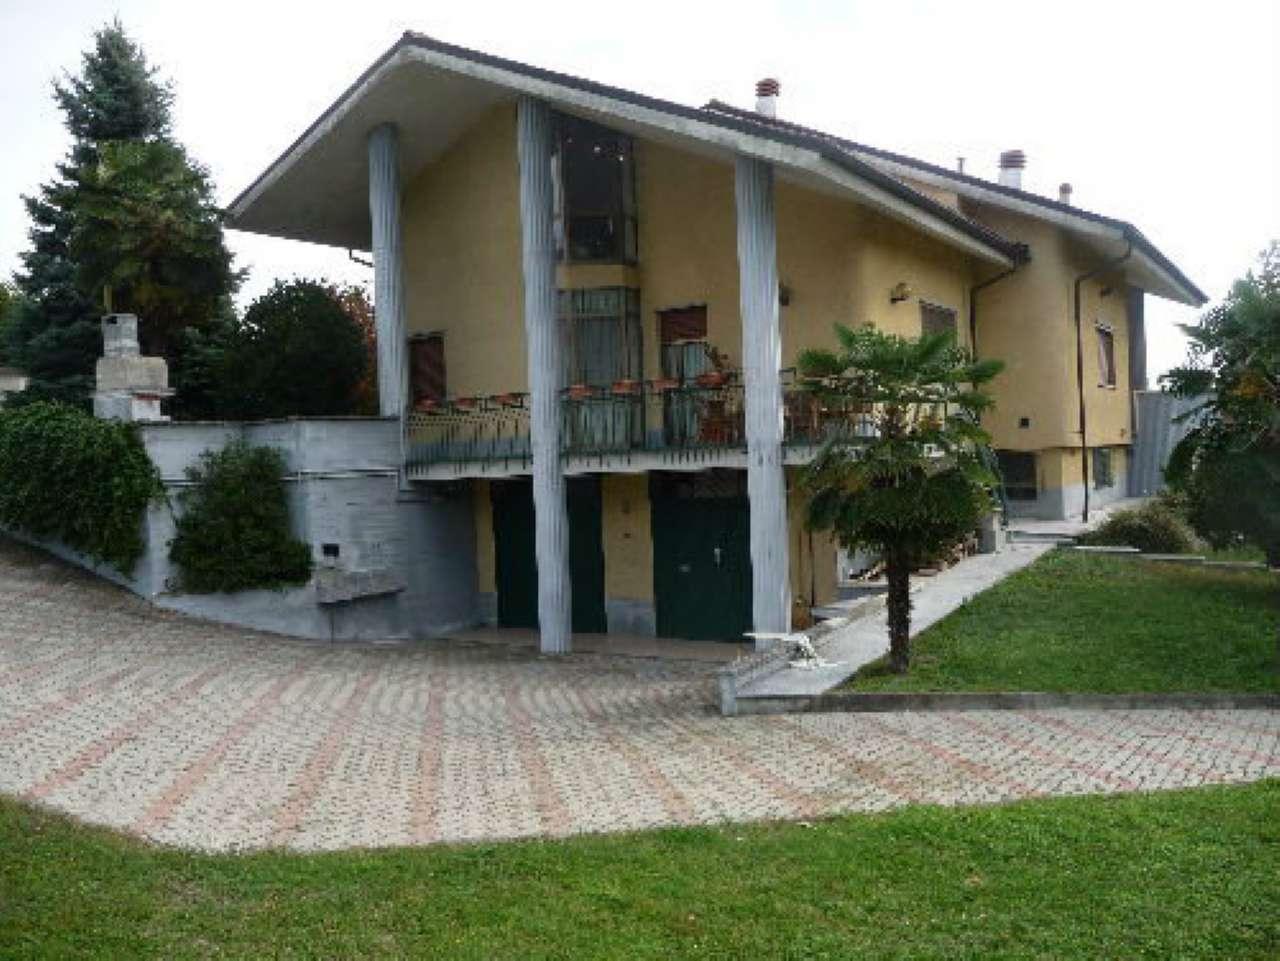 Villa in affitto a Mombello Monferrato, 10 locali, prezzo € 1.200 | Cambio Casa.it